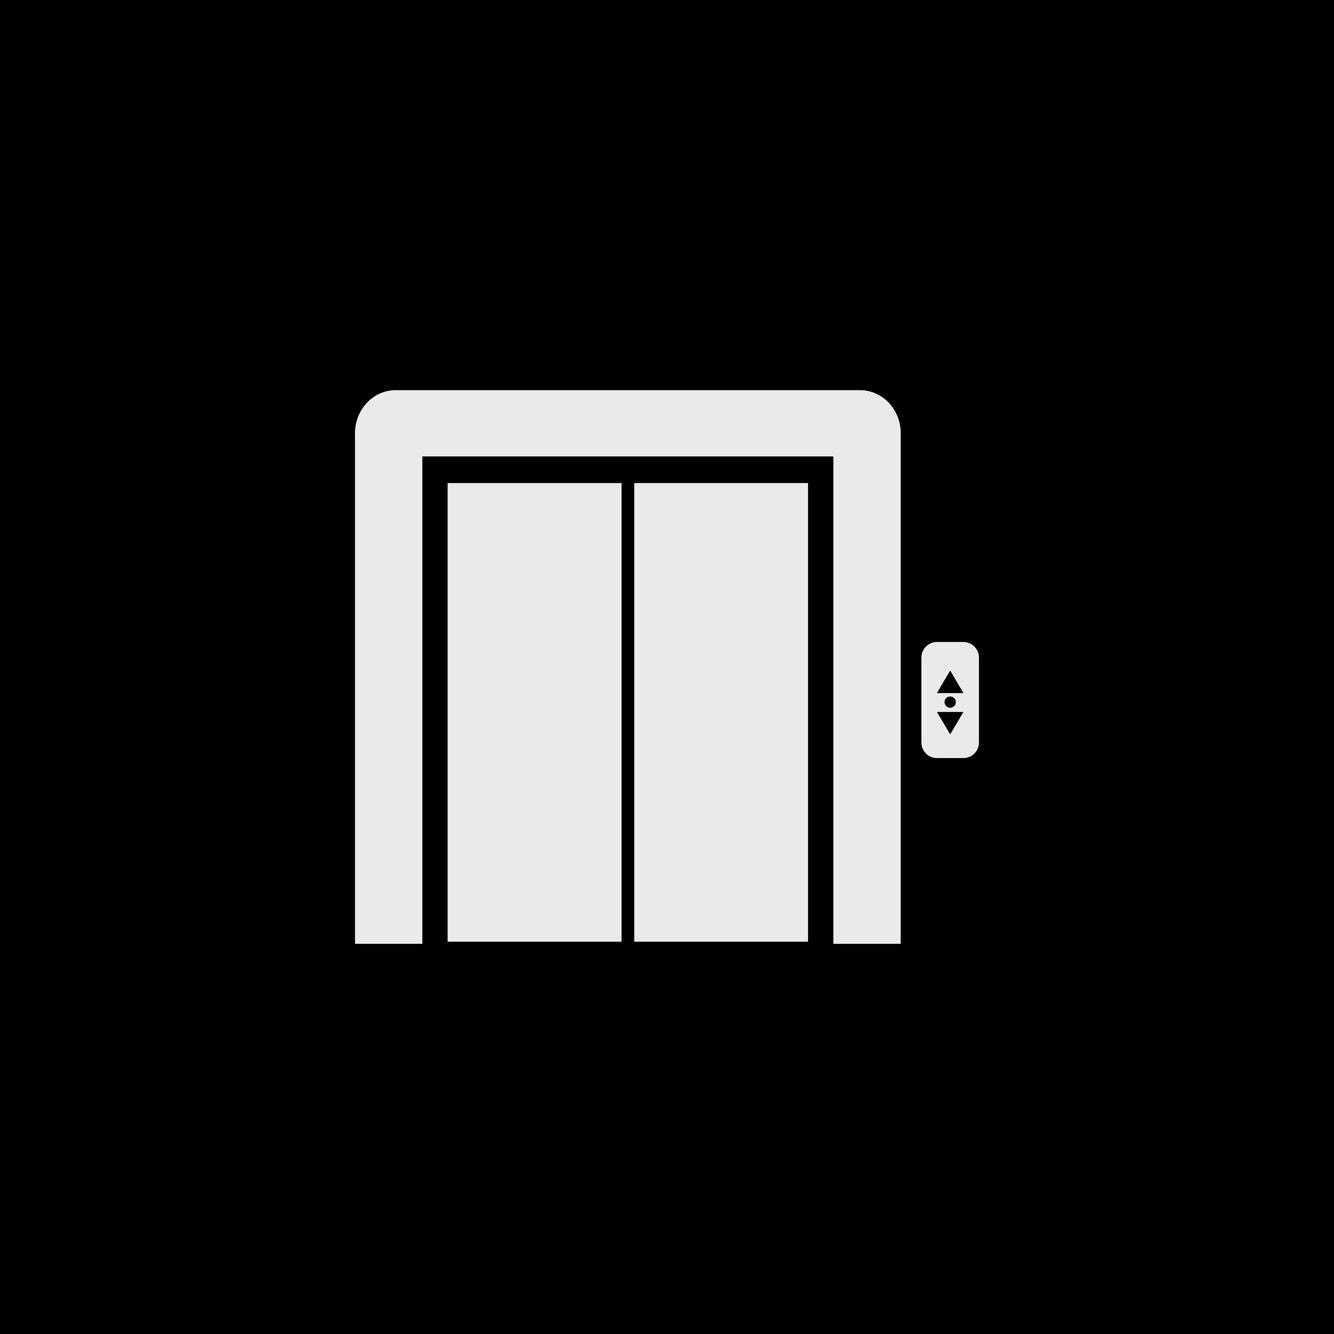 life elevator icon